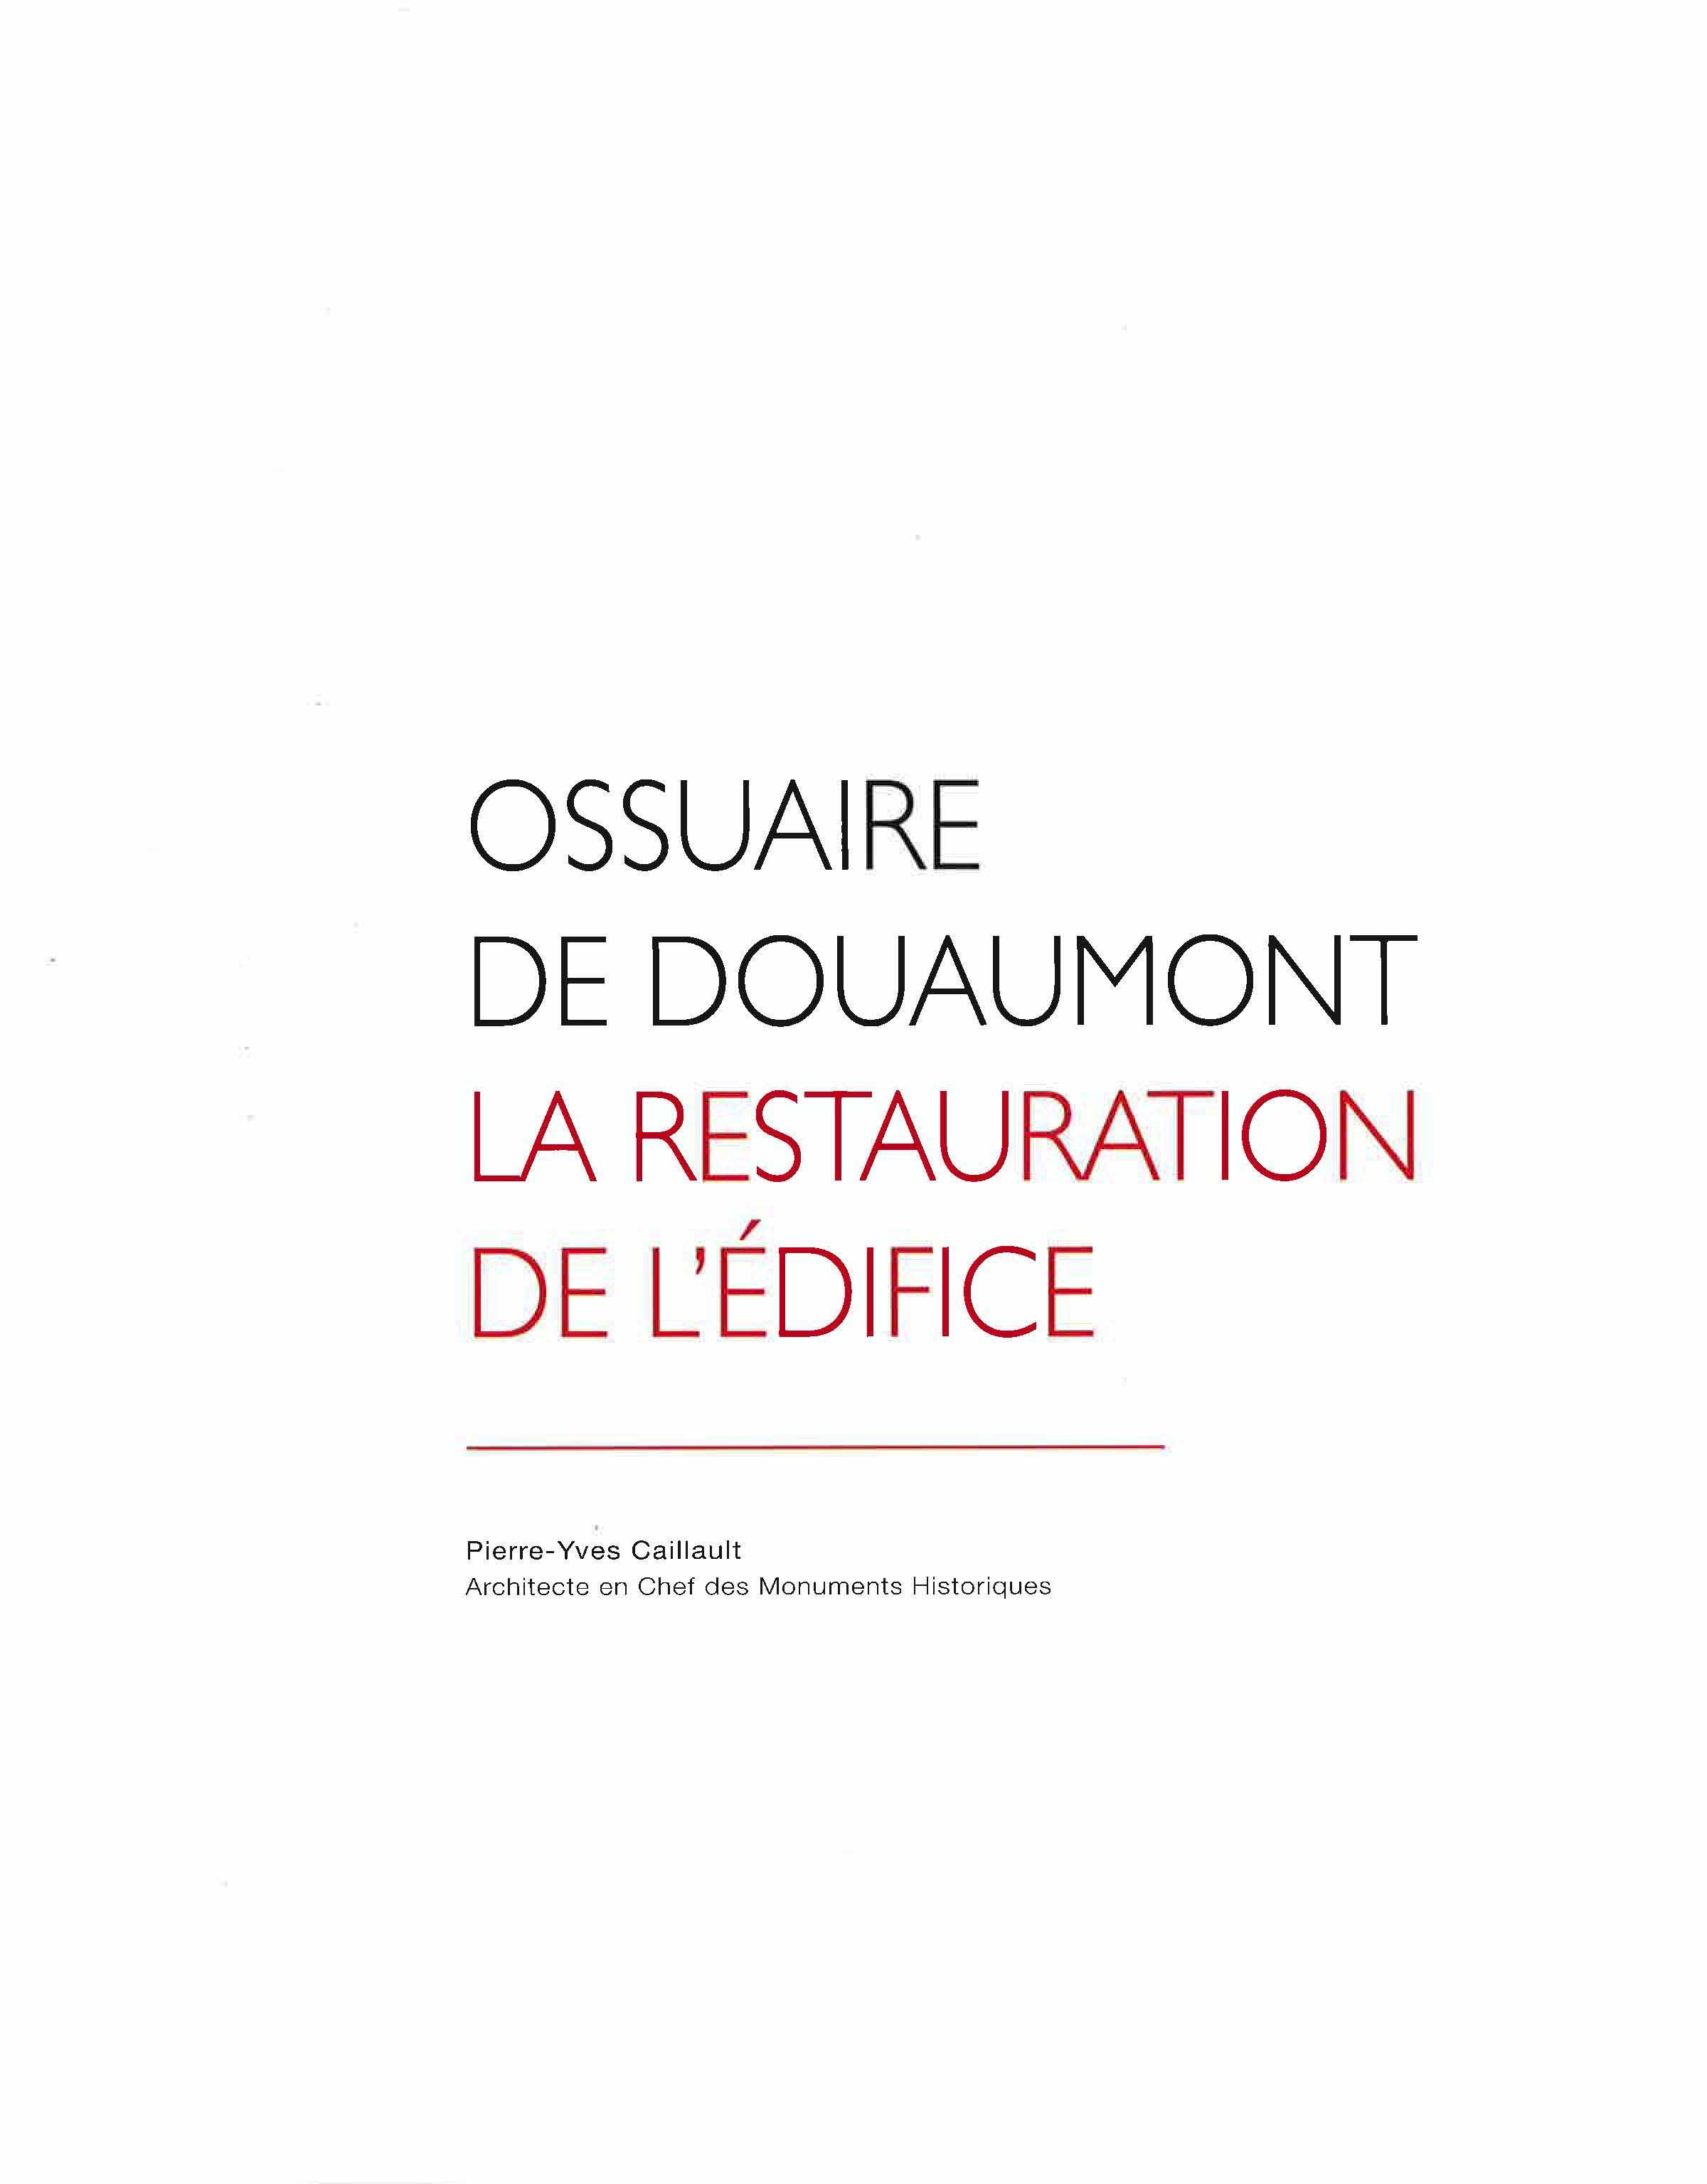 Ossuaire de Douaumont, la restauration de l'édifice_Page_03